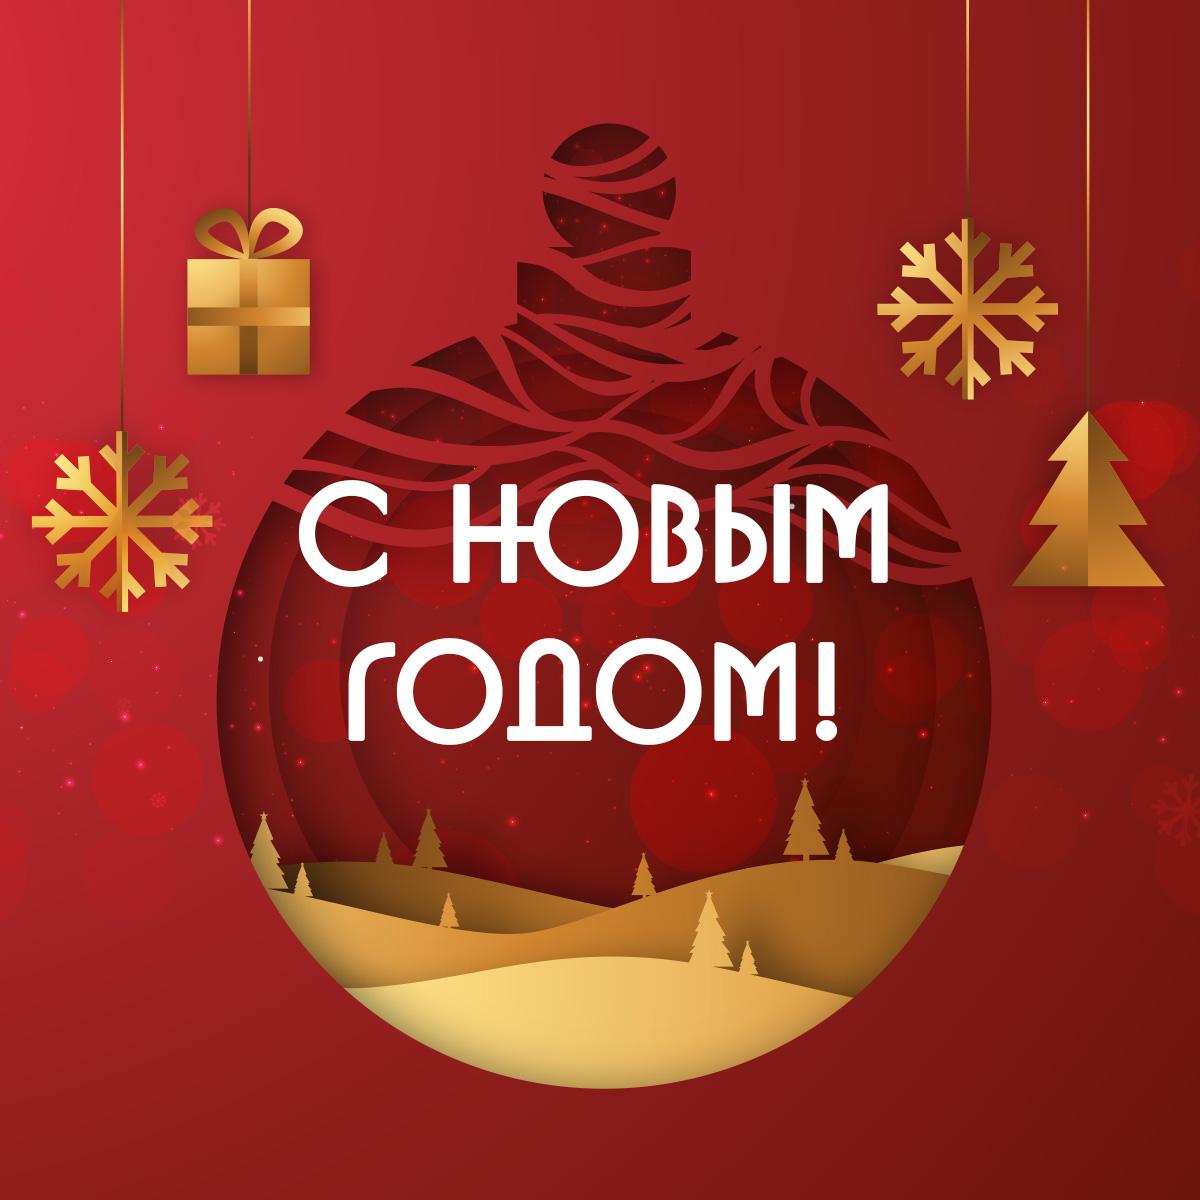 Картинка с текстом: поздравительная открытка с новым годом с рождественскими украшениями на красном фоне